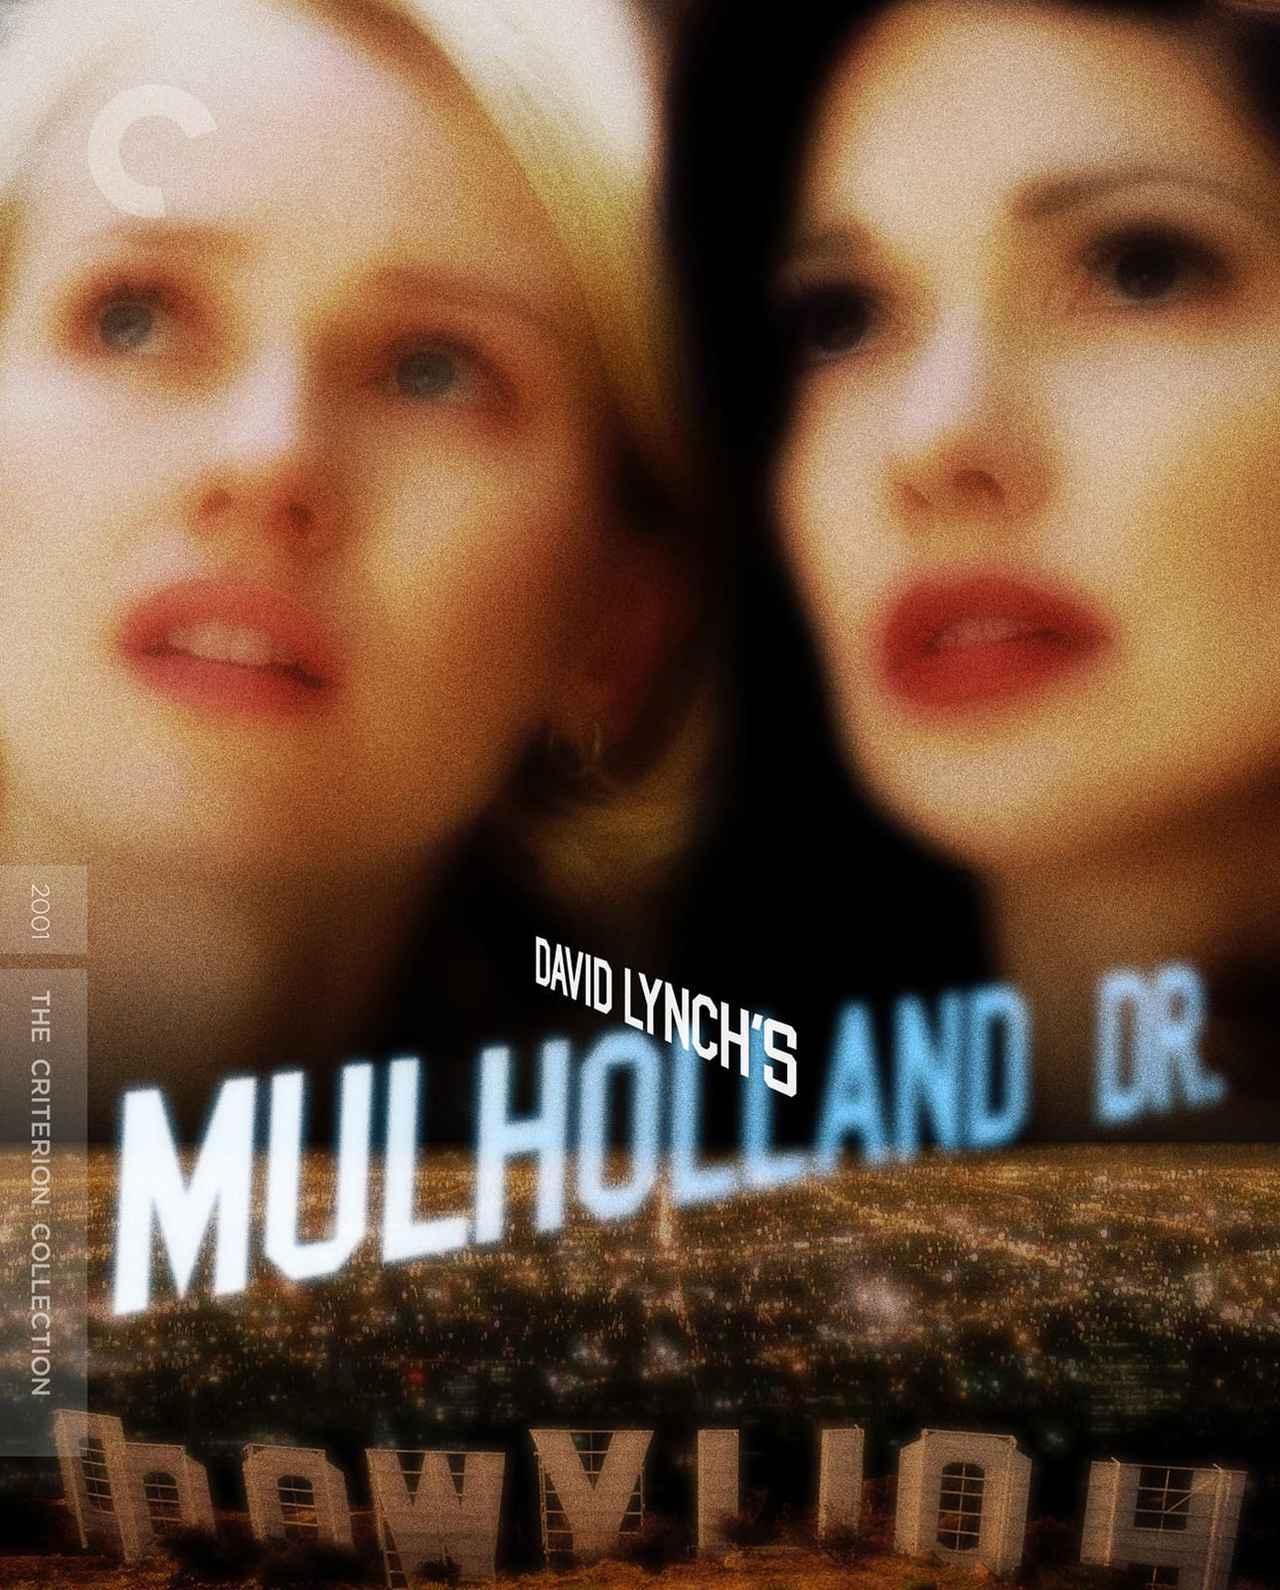 画像: マルホランド・ドライブ/MULHOLLAND DRIVE 11月16日リリース 2001年/監督デヴィッド・リンチ /出演ナオミ・ワッツ, ローラ・エレナ・ハリング, アン・ミラー ロサンゼルス北部の山を横断するマルホランド・ドライブ。そこで真夜中に起きた車の衝突事故。女優の夢をかなえようとハリウッドのやって来たベティは、事故で記憶をなくした黒髪の女性リタと出会い、彼女の記憶をたどる手助けを始めるが・・・。リンチが描く妖しく危険な傑作ミステリ。カンヌ国際映画祭・監督賞受賞作。 ******************************************************************************************************************************** United States   146 minutes   Color   1.85:1   English   2-Disc Set   SRP: $49.95